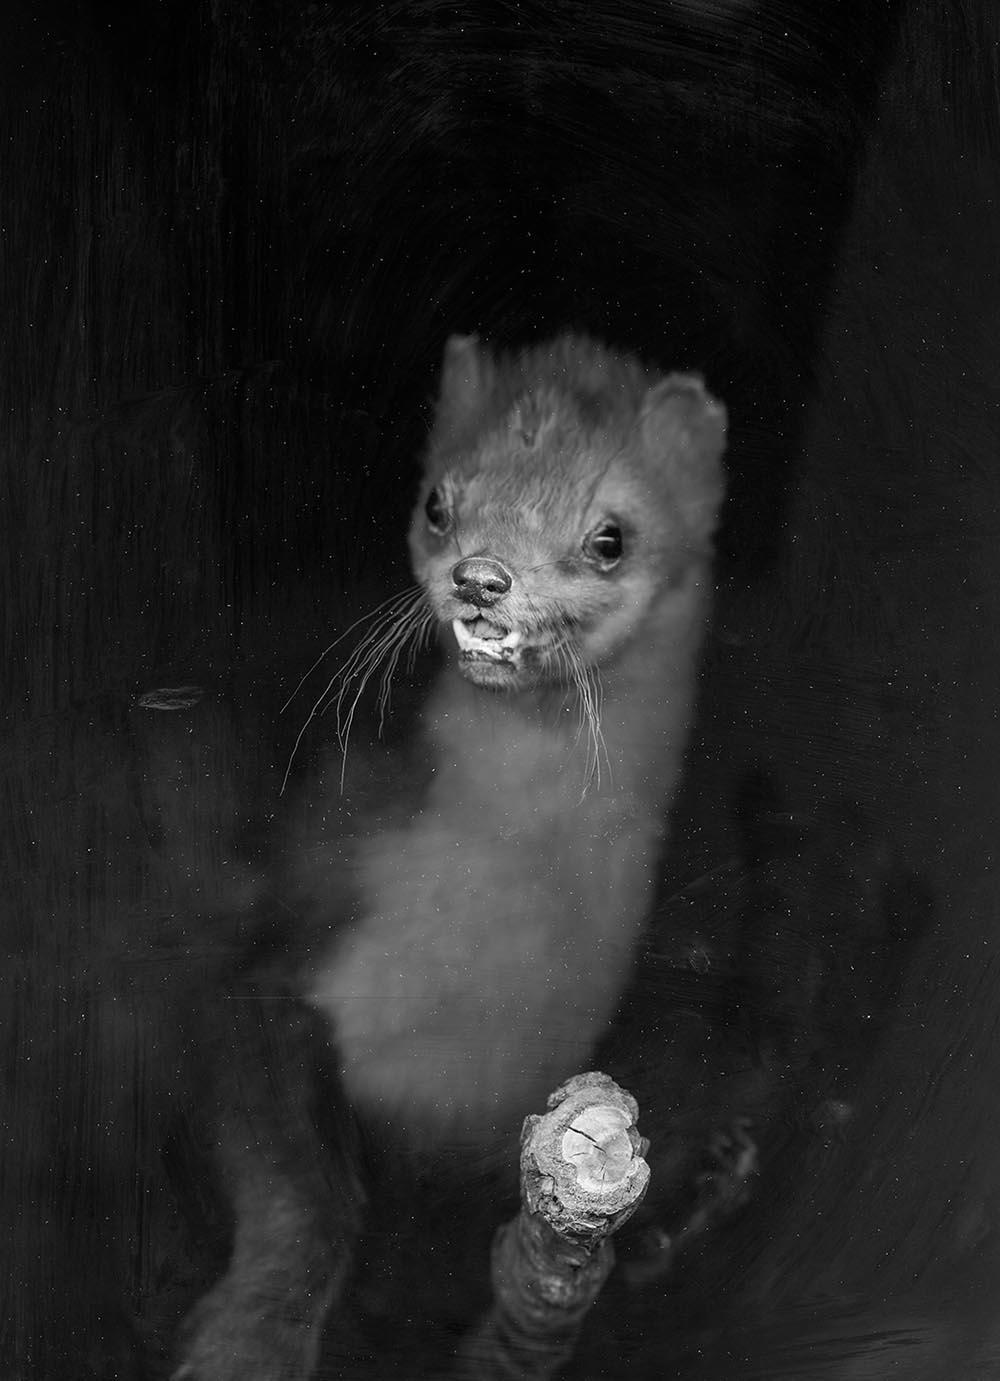 Hodosy Enikő: Animalia variabilis, 2016 © Hodosy Enikő